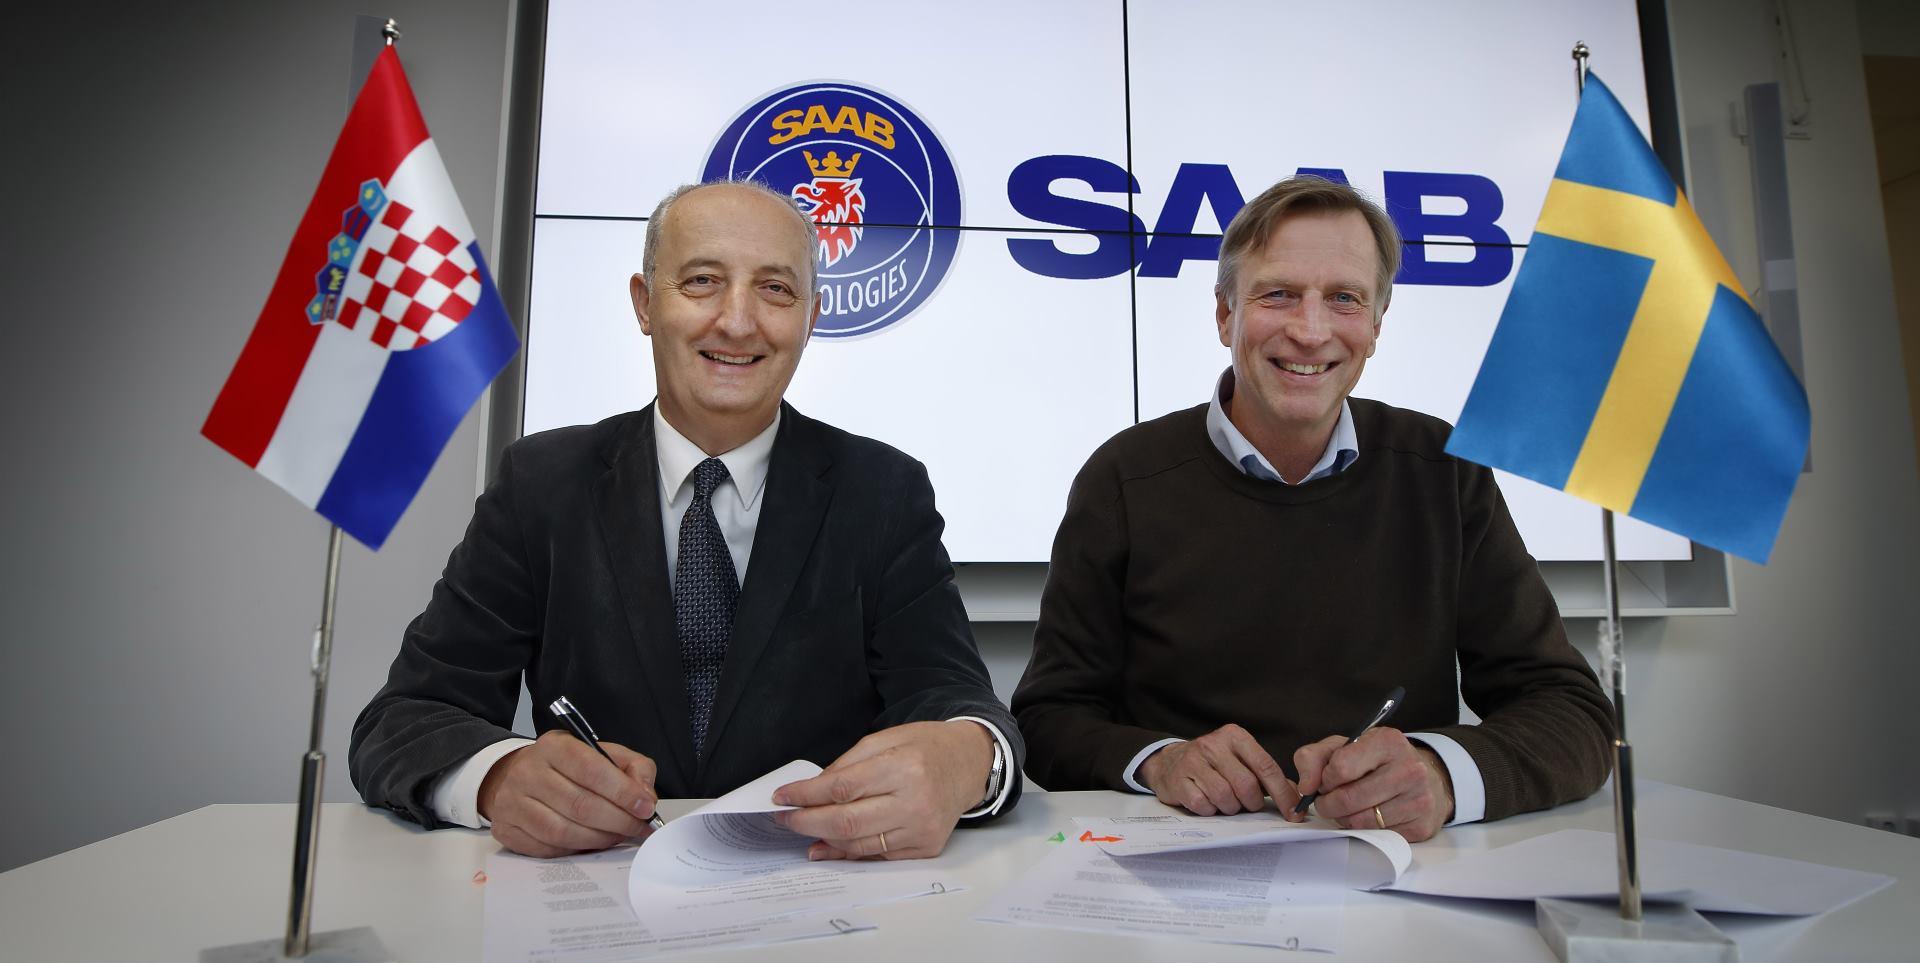 Saab podržava istraživanje i inovacije u sklopu Robotskog & autonomnog sustava u Hrvatskoj